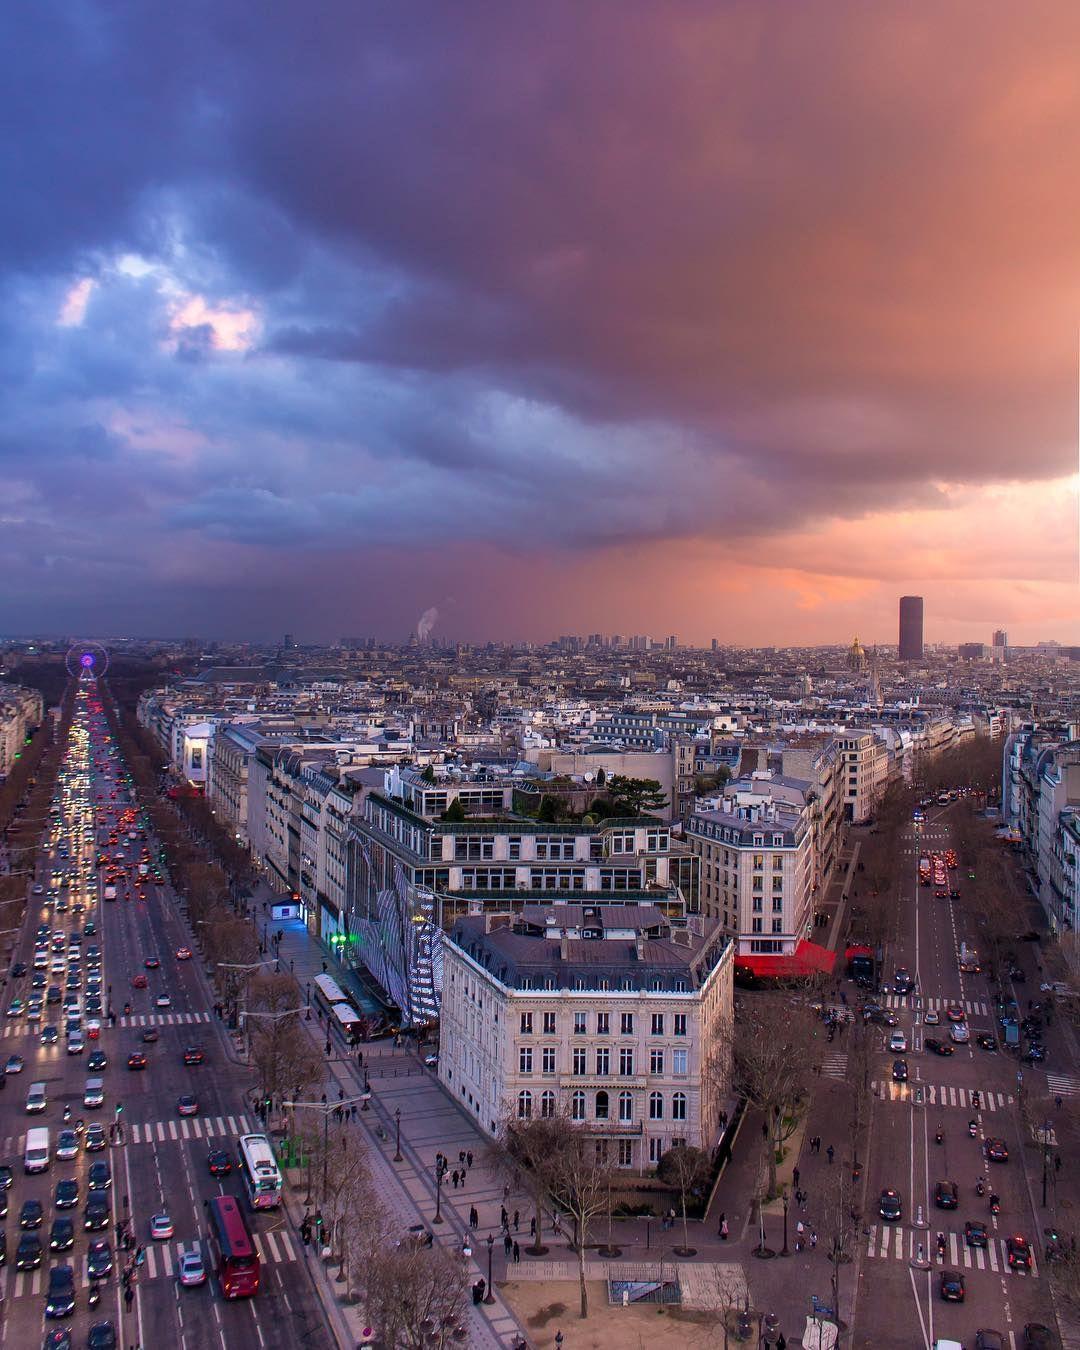 Crazy apocalyptic sky over Paris